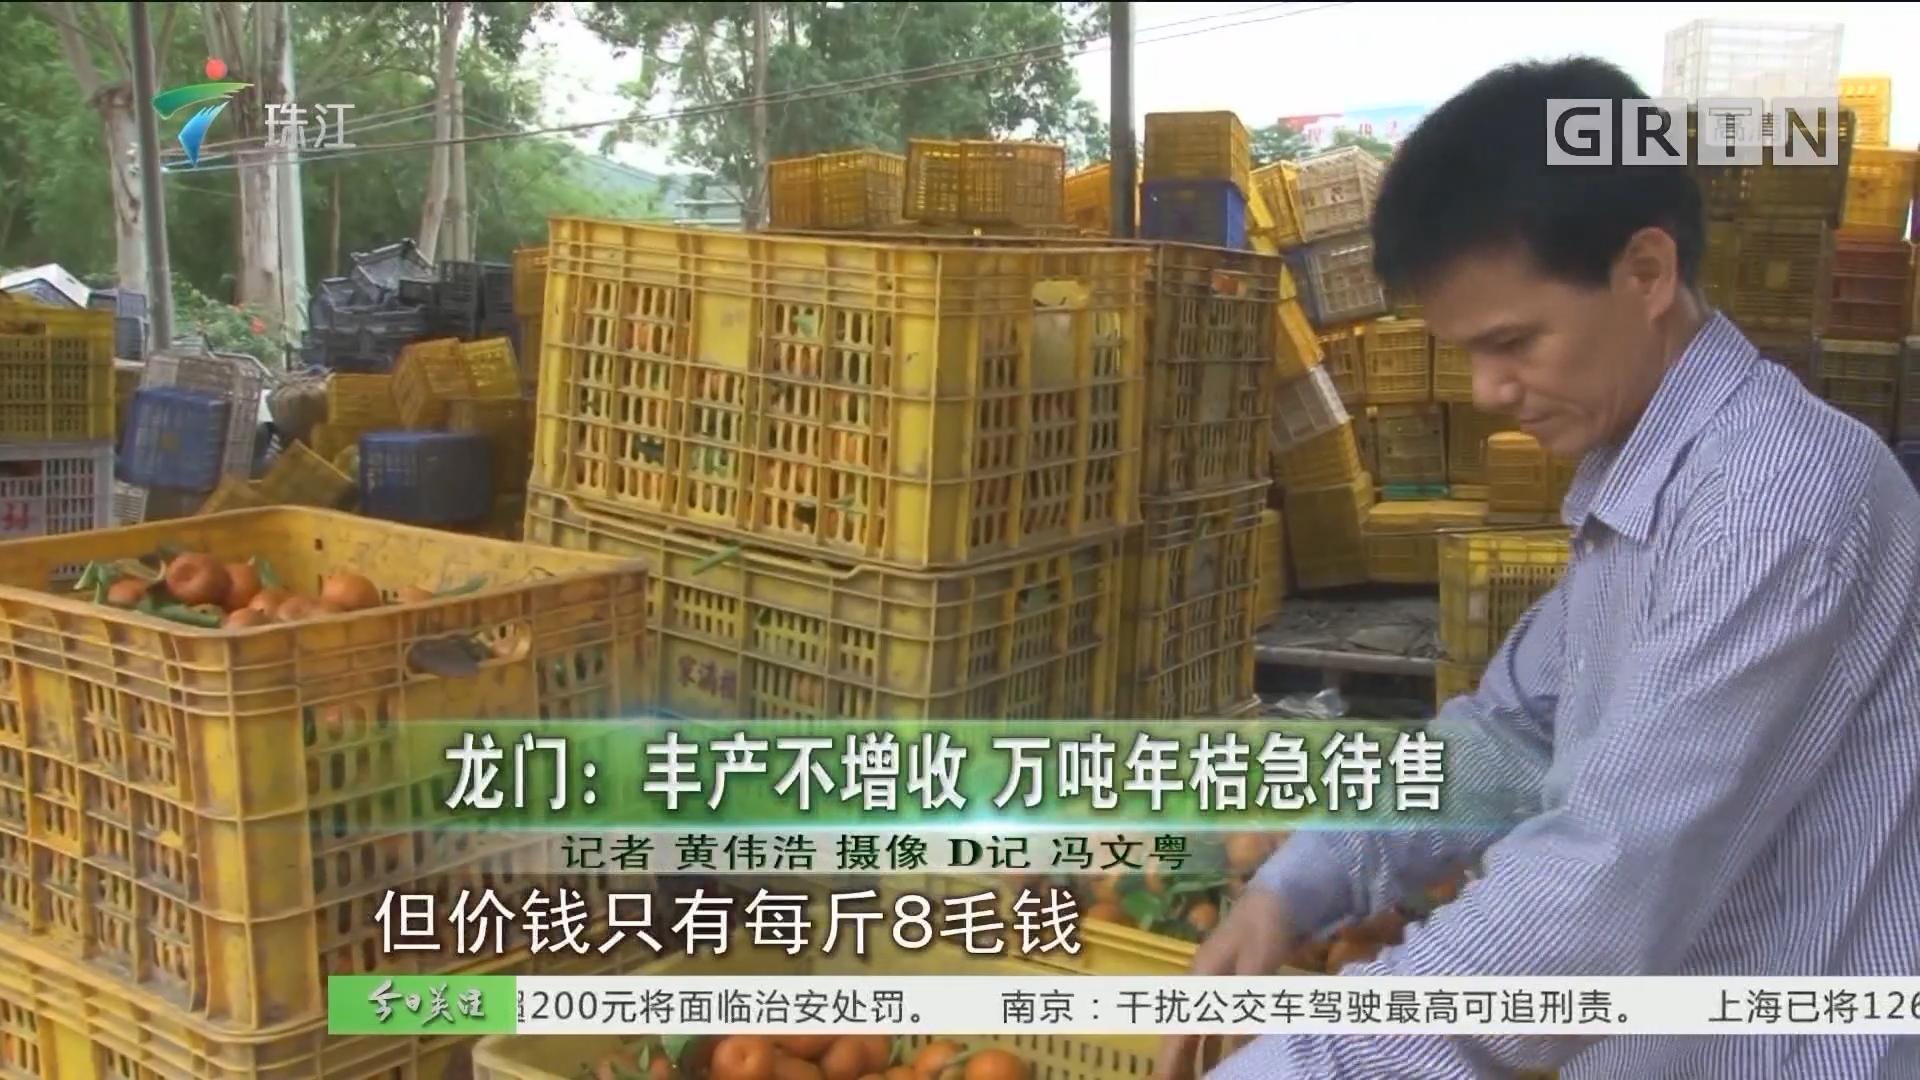 龍門:豐產不增收 萬噸年桔急待售